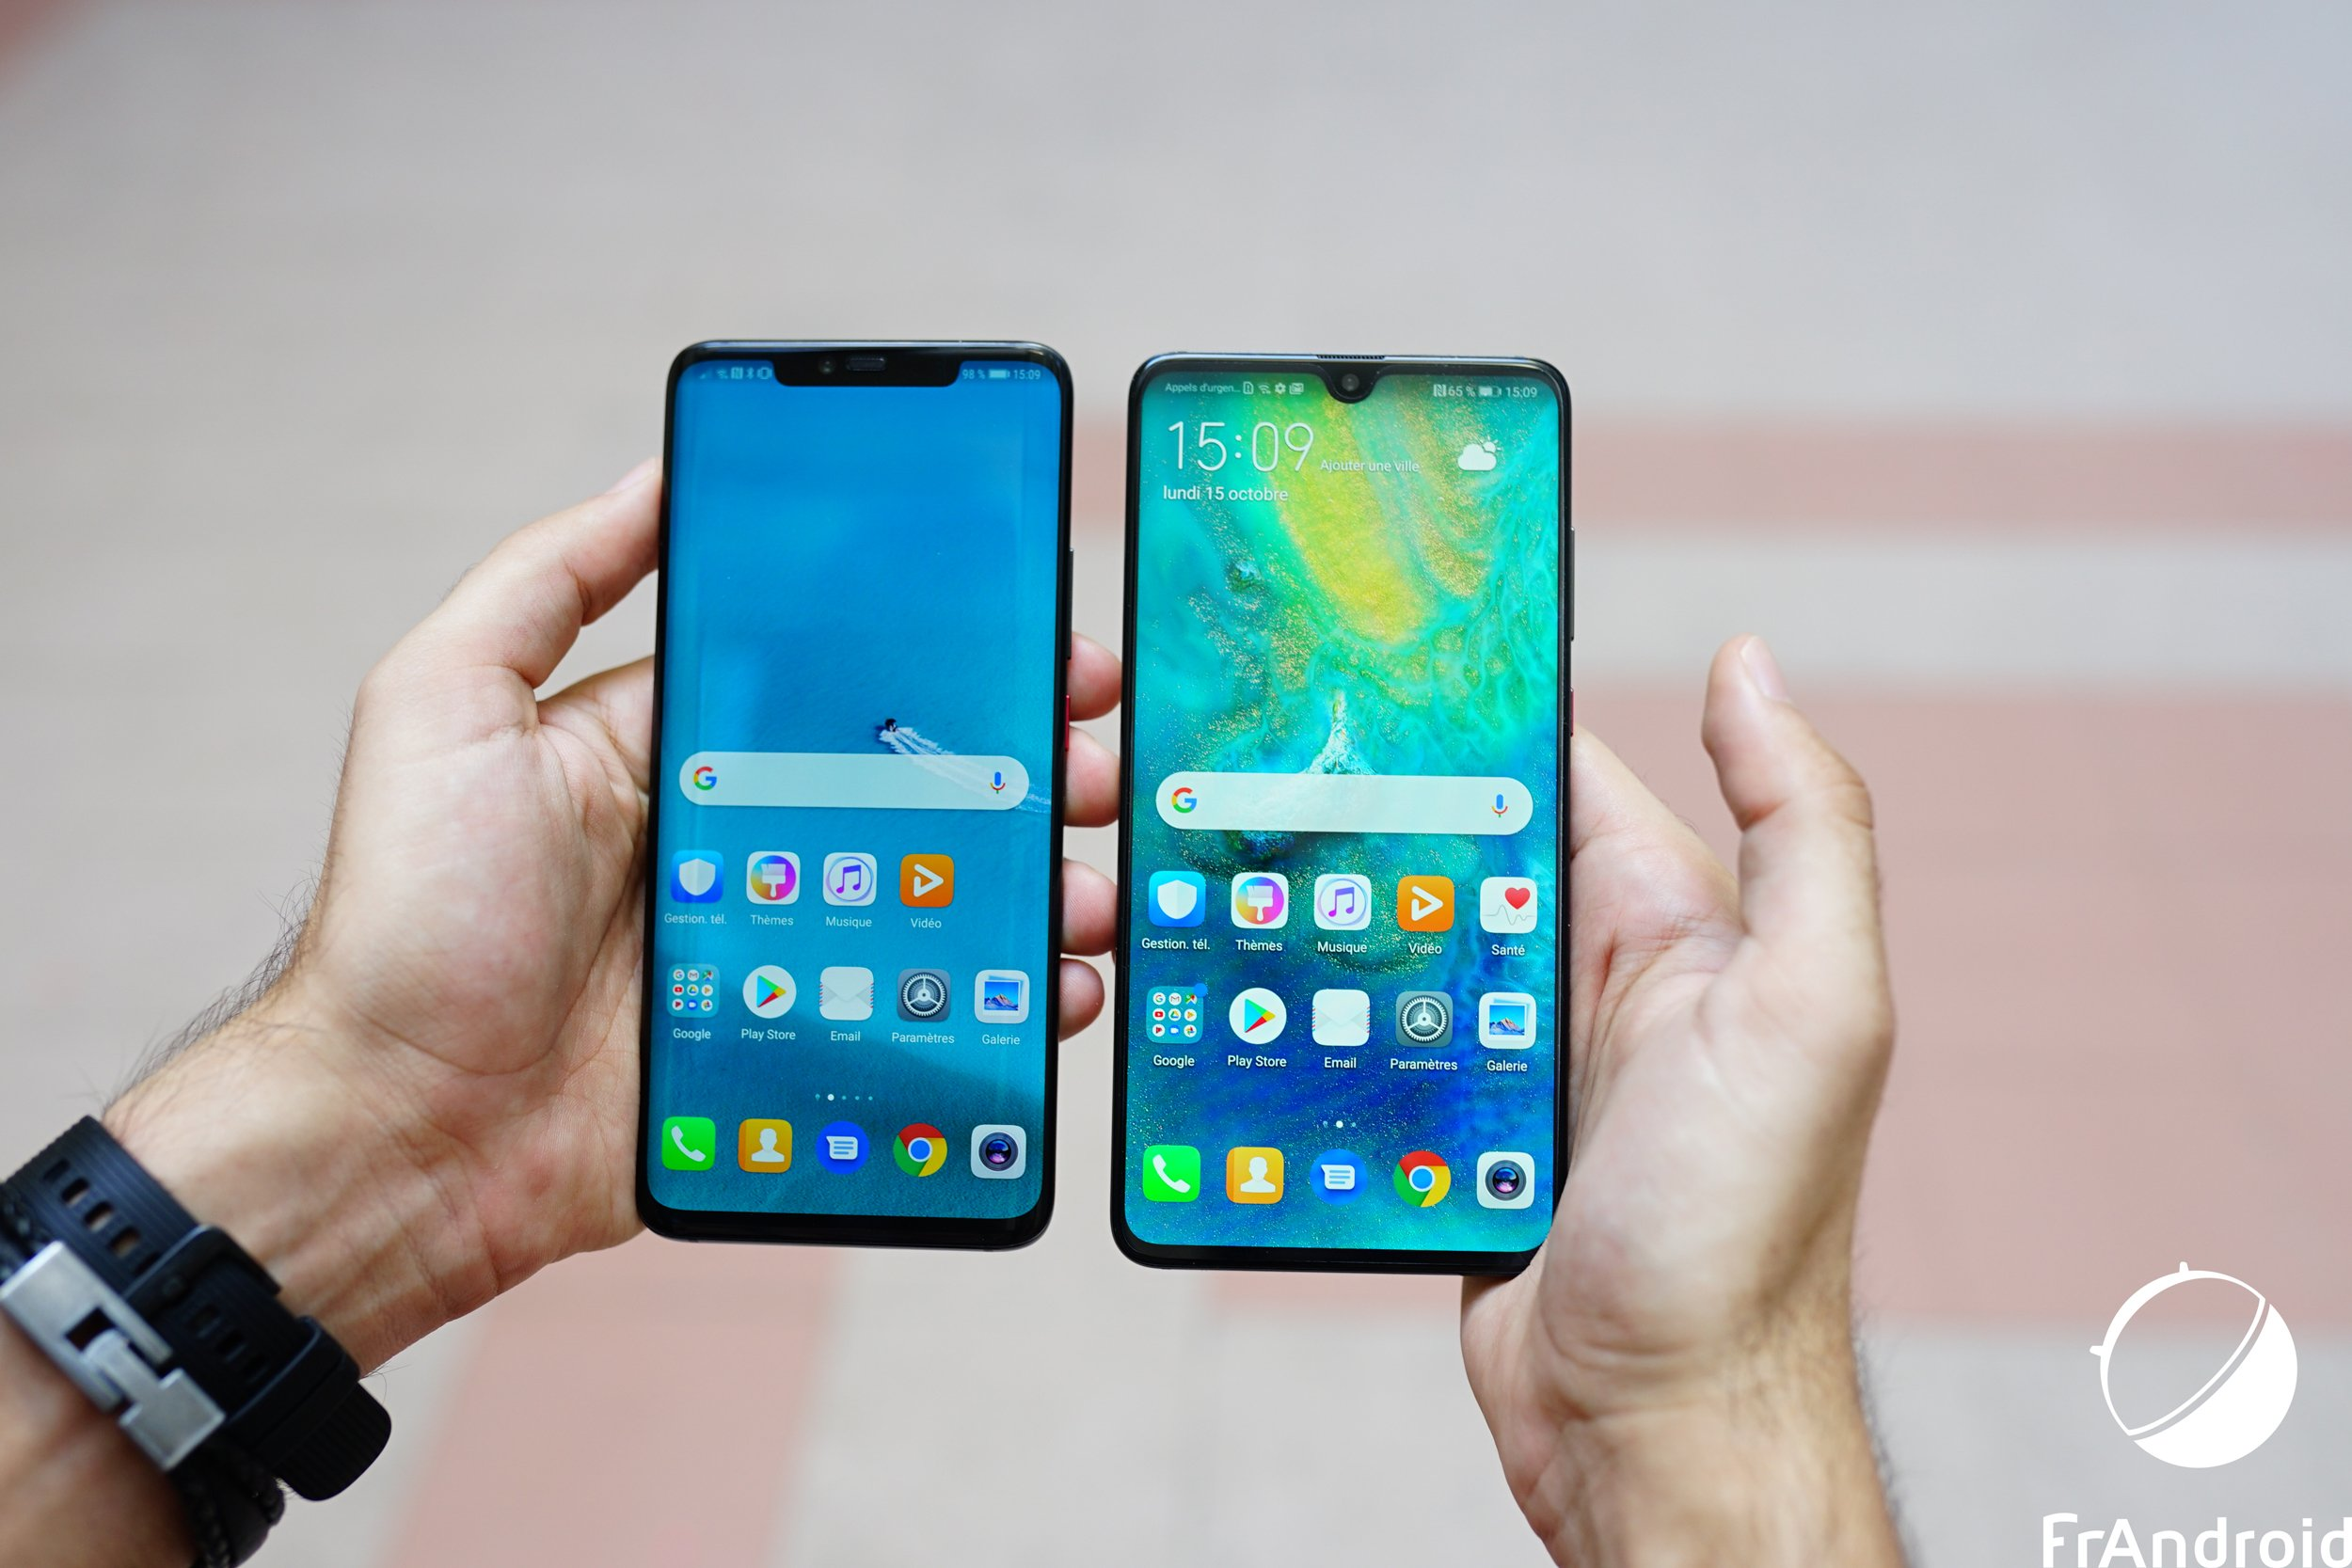 Suite à l'inculpation de Huawei, la Chine réagit aux accusations des États-Unis